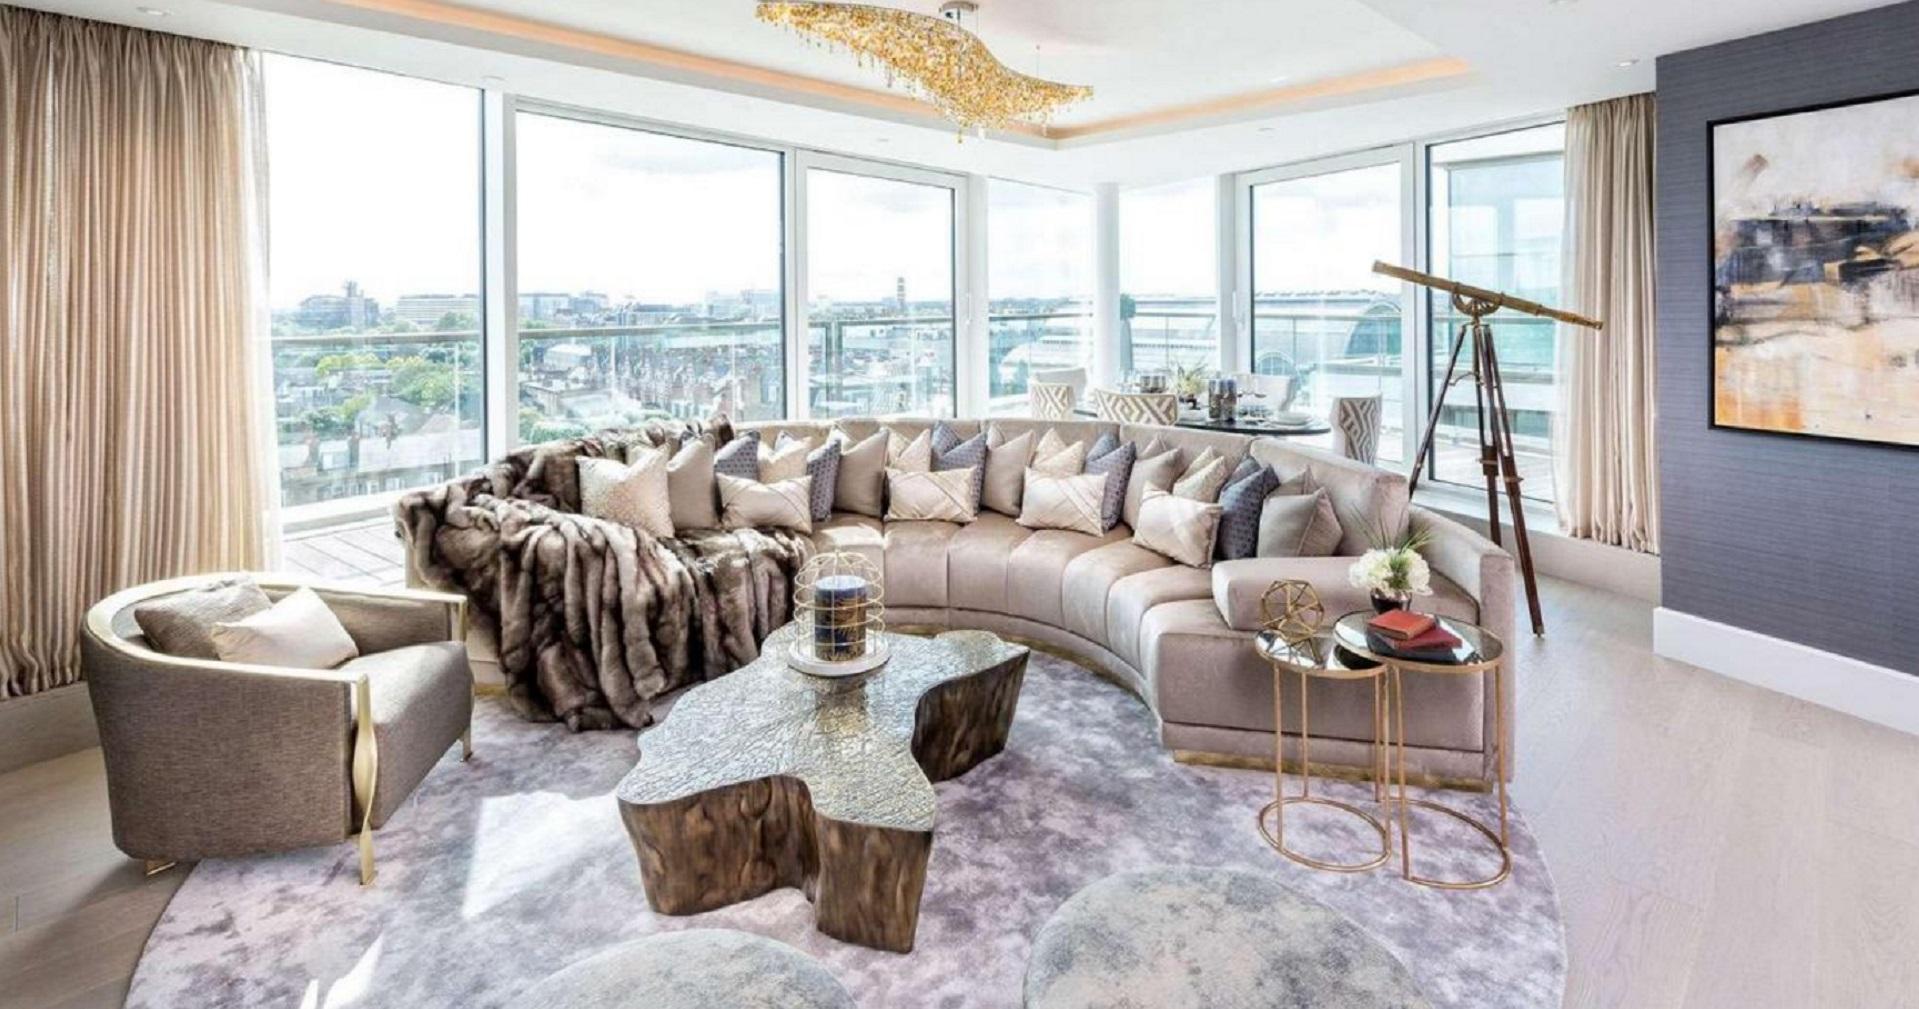 """Las propiedades adquiridas por el Ejecutivo británico forman parte de lo que se considera """"vivienda social de nueva construcción"""" (berkeleygroup.co.uk)"""